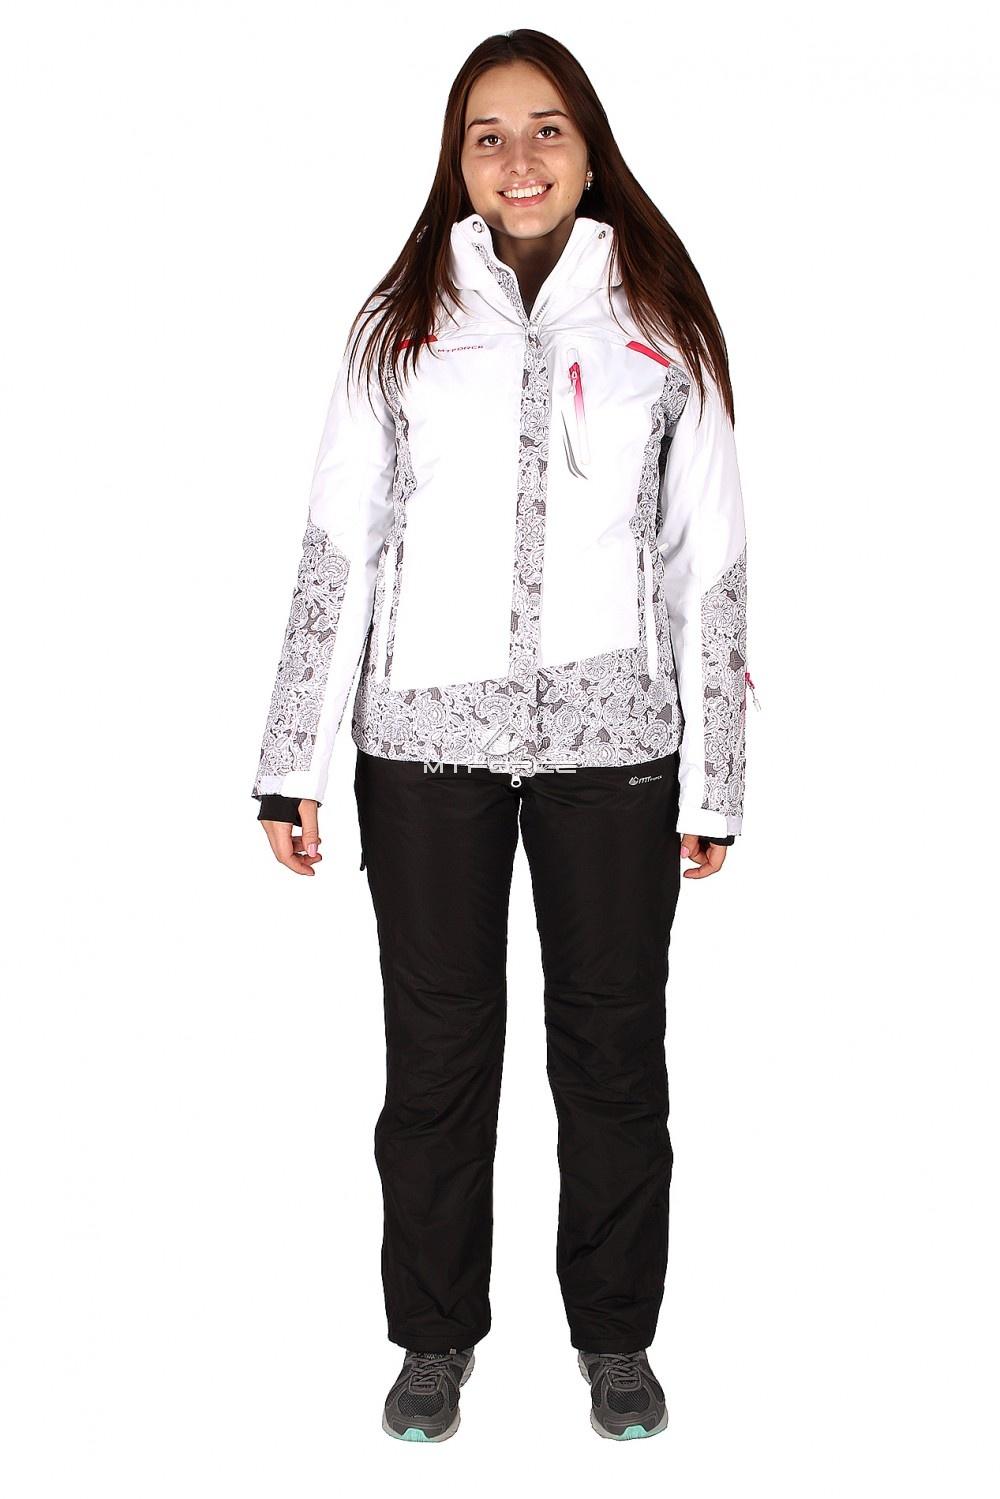 Купить                                  оптом Костюм горнолыжный женский белого цвета 01522Bl